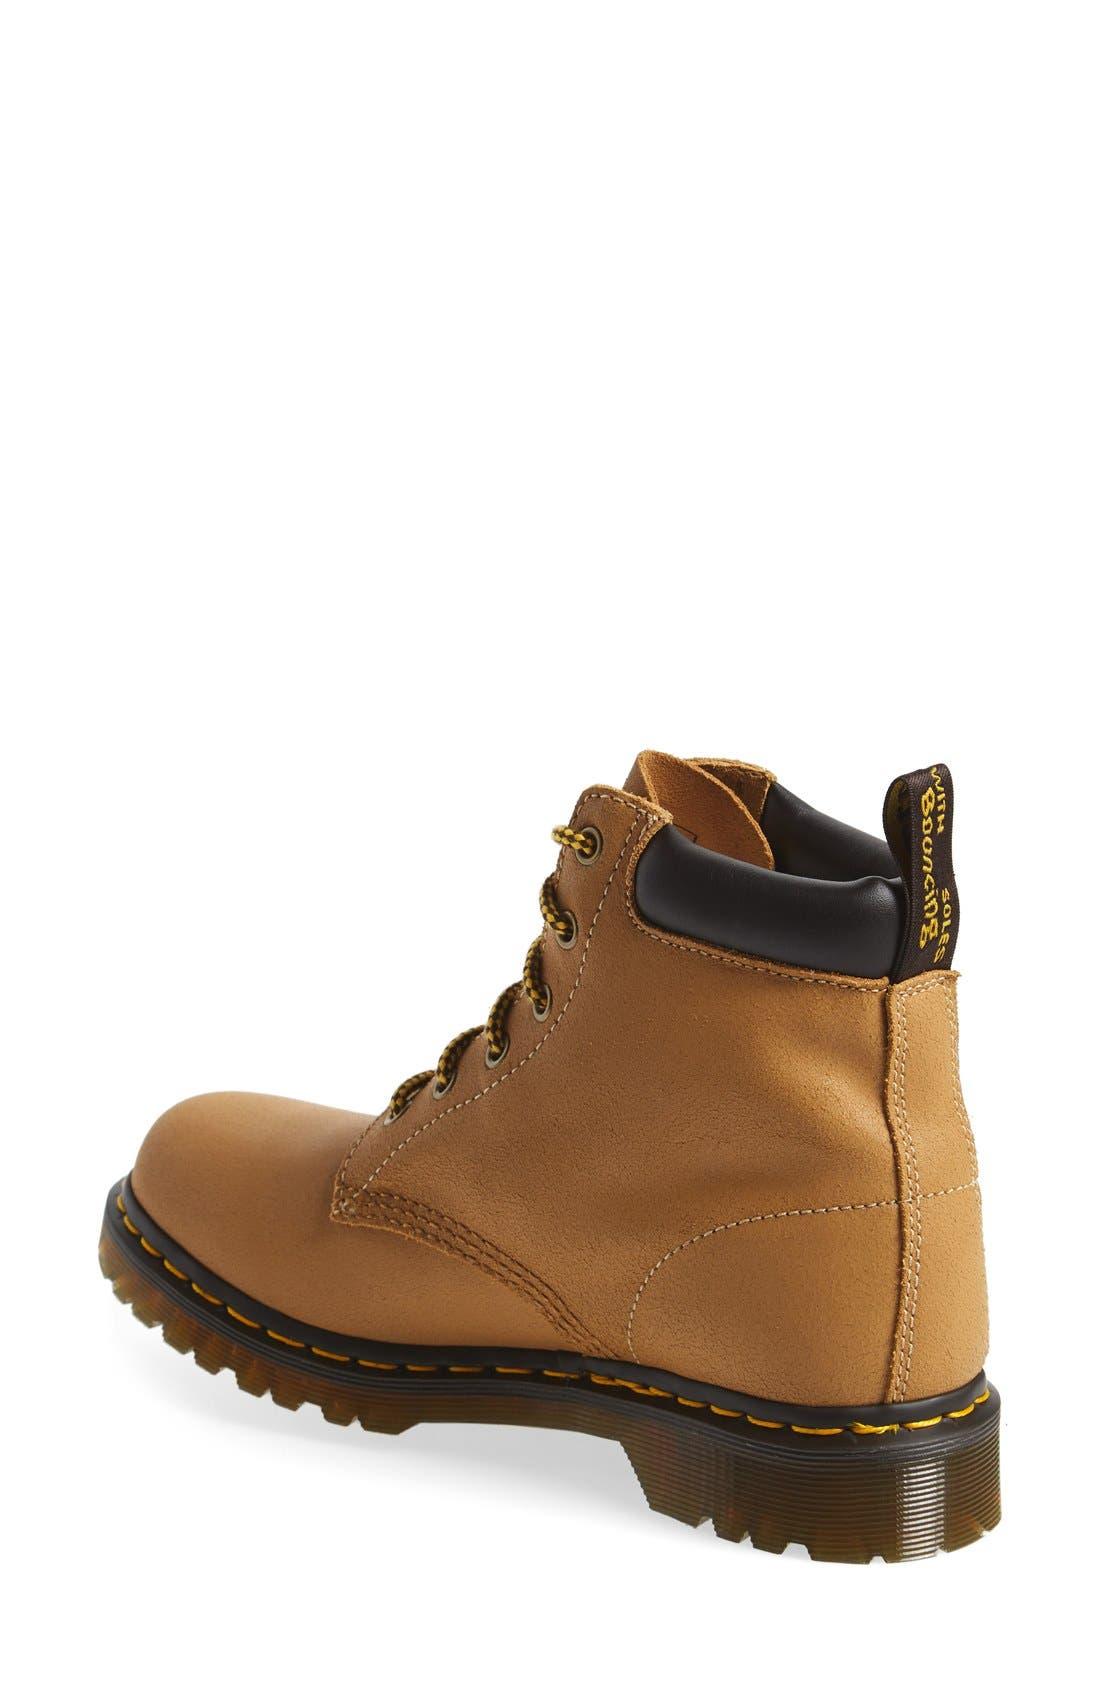 Alternate Image 2  - Dr. Martens '939' Boot (Women)